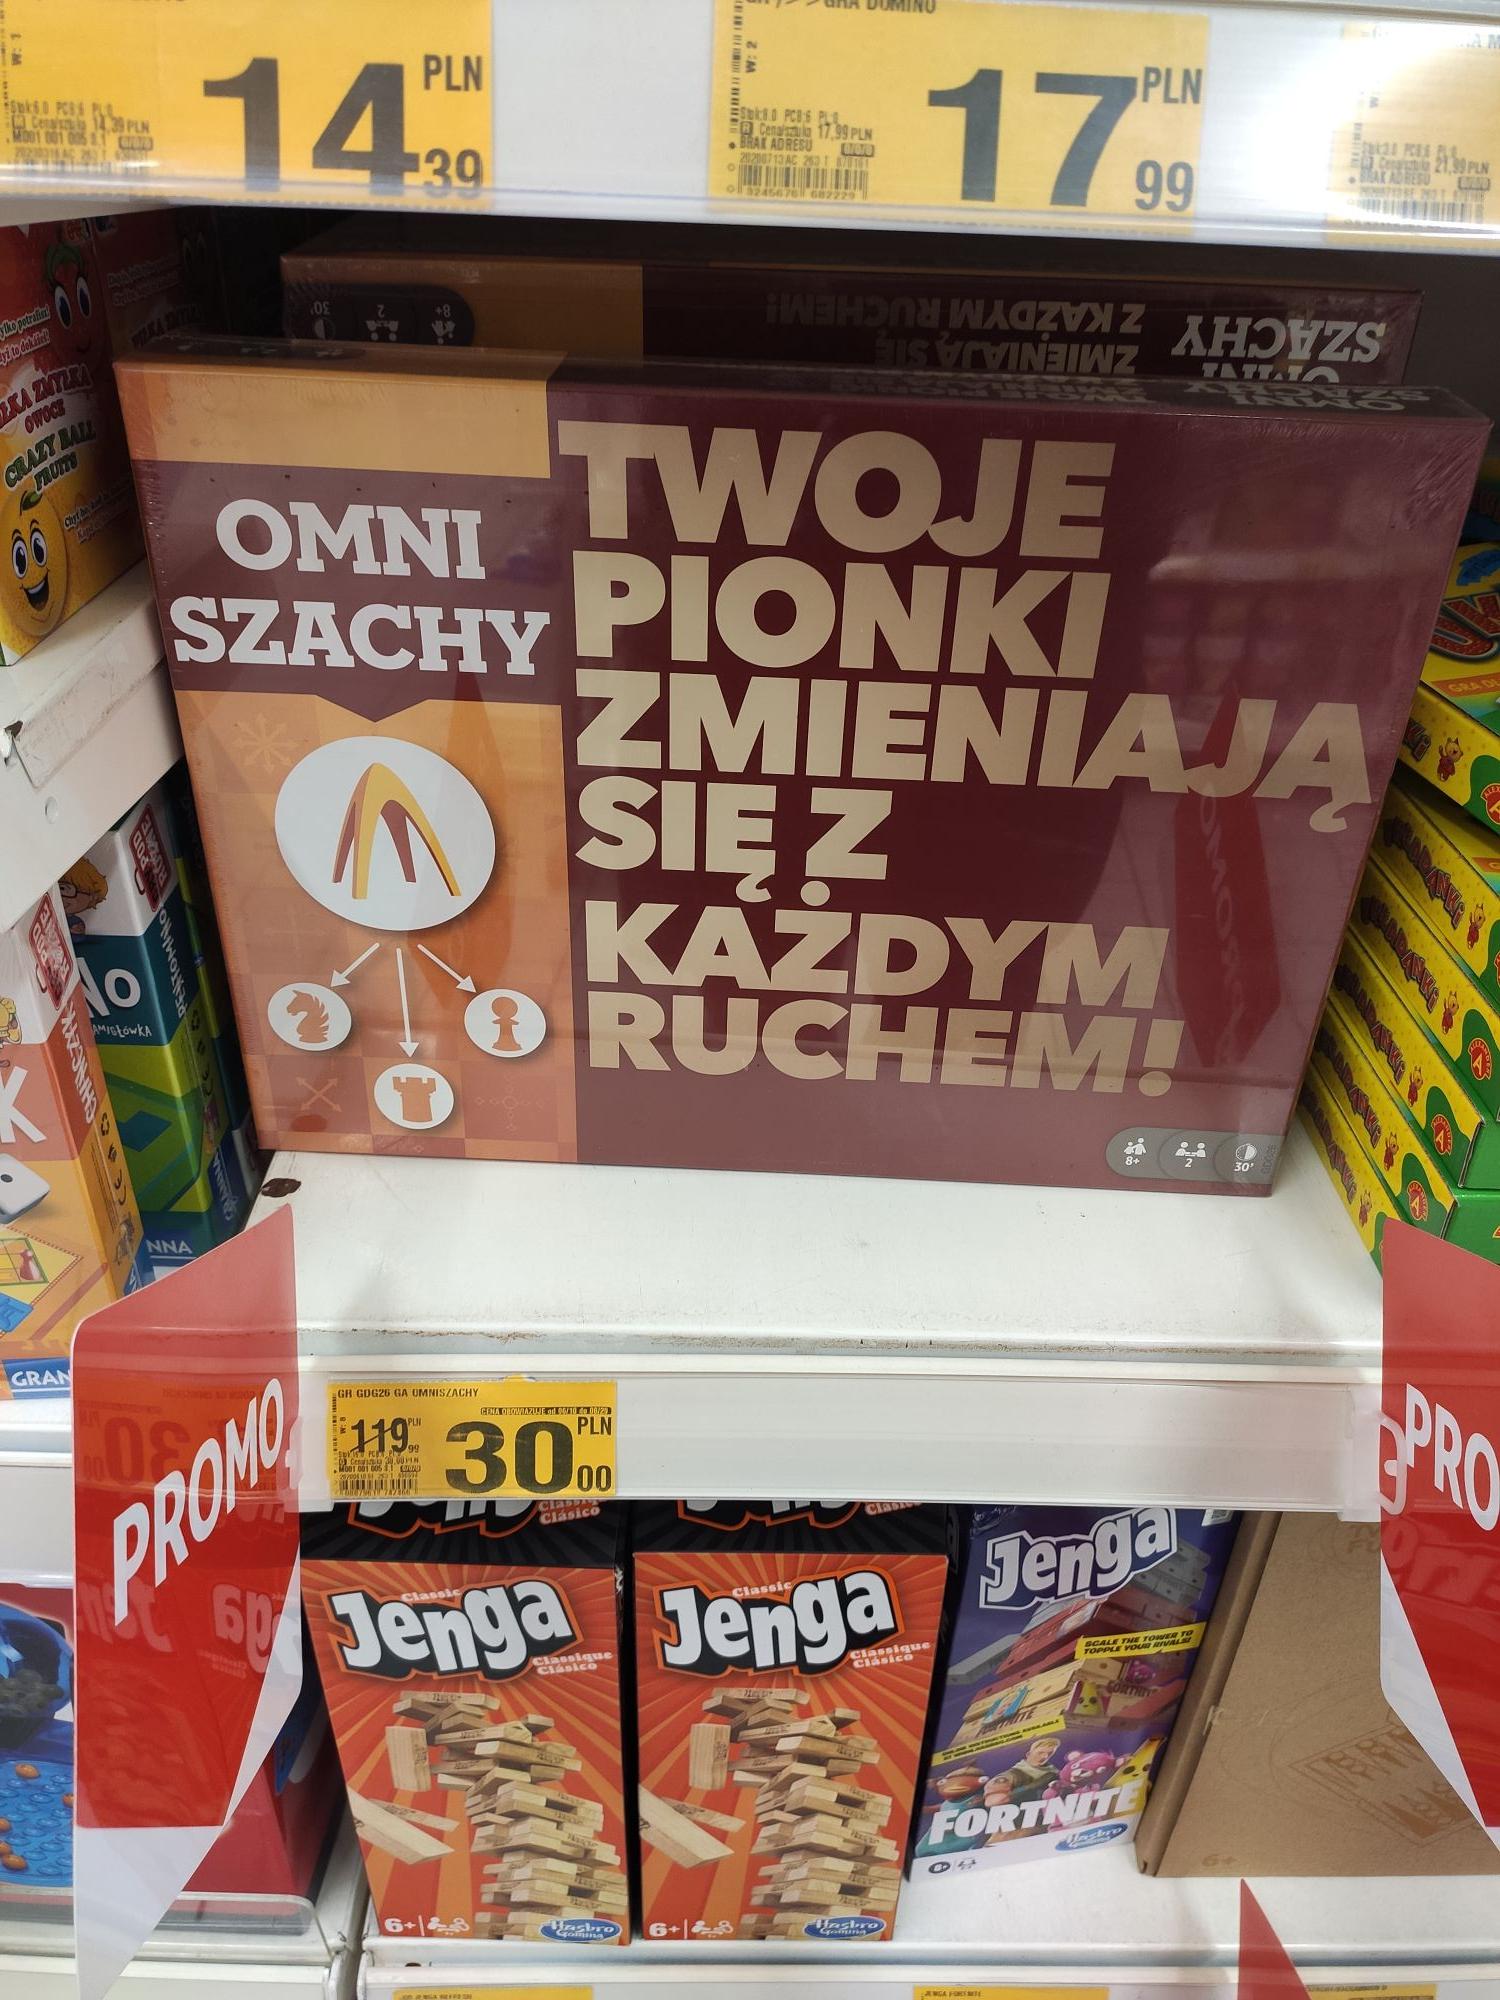 Omniszachy w dobrej cenie w Auchan